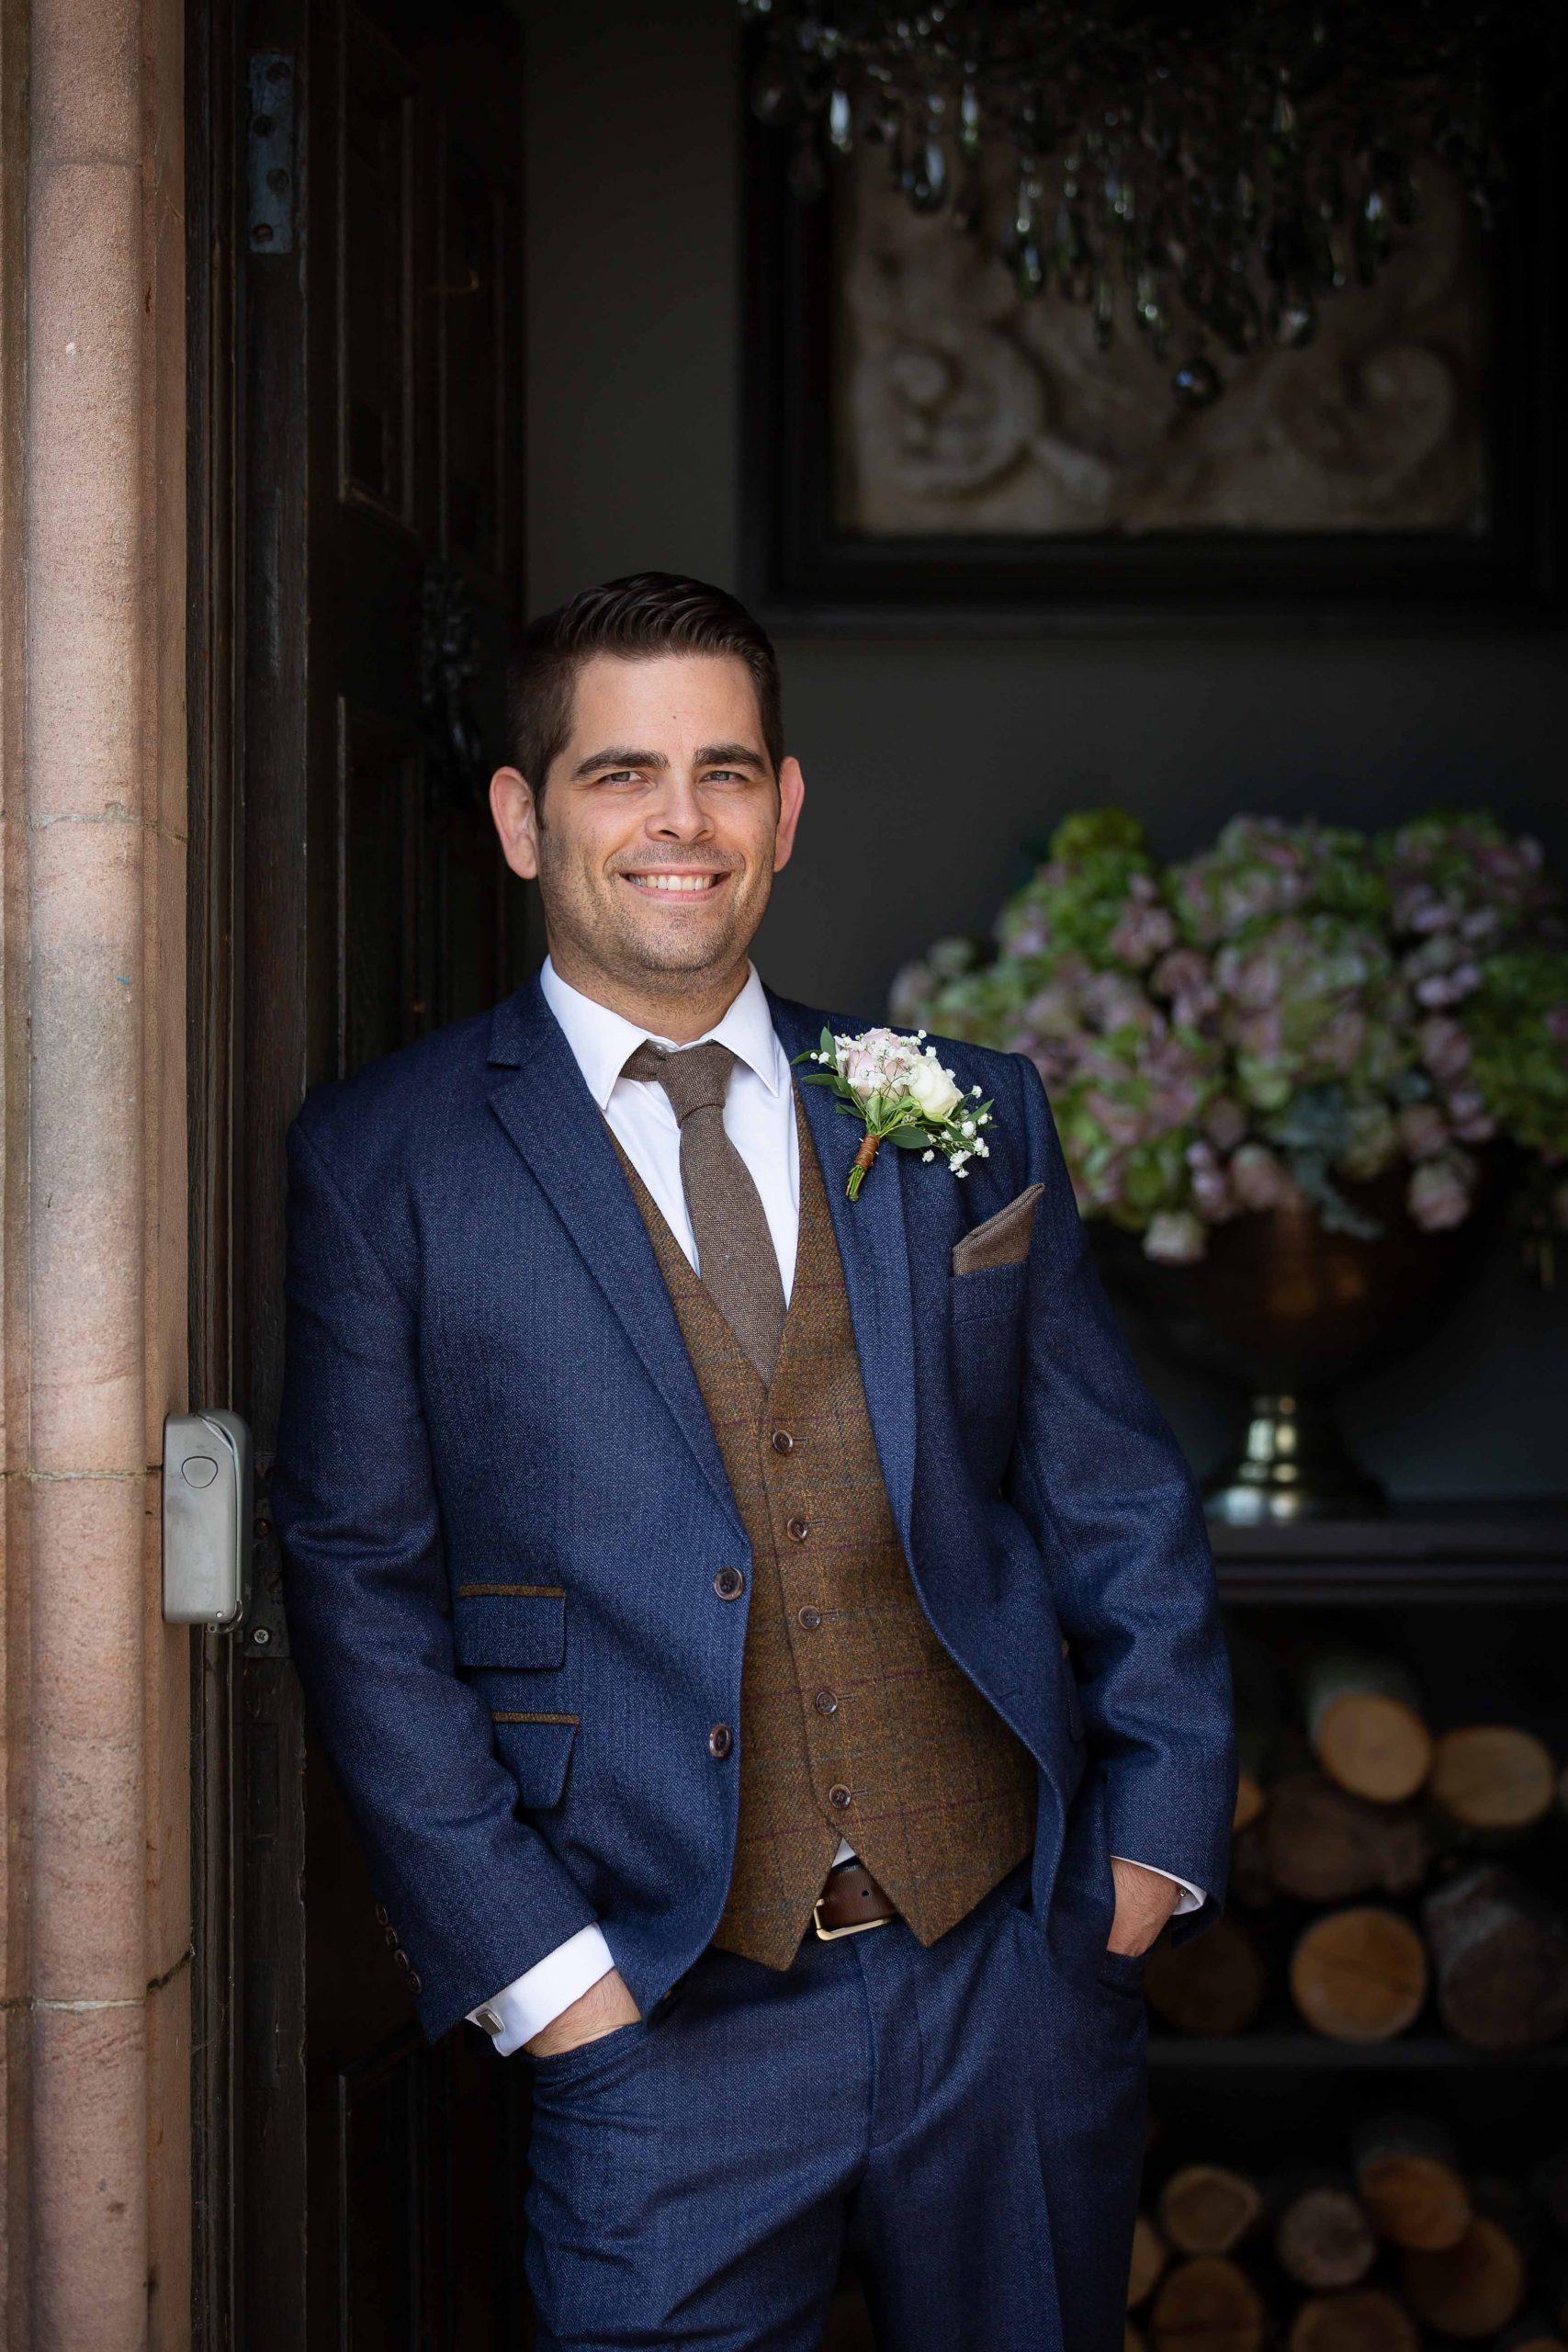 Groom before his wedding at Ellingham Hall